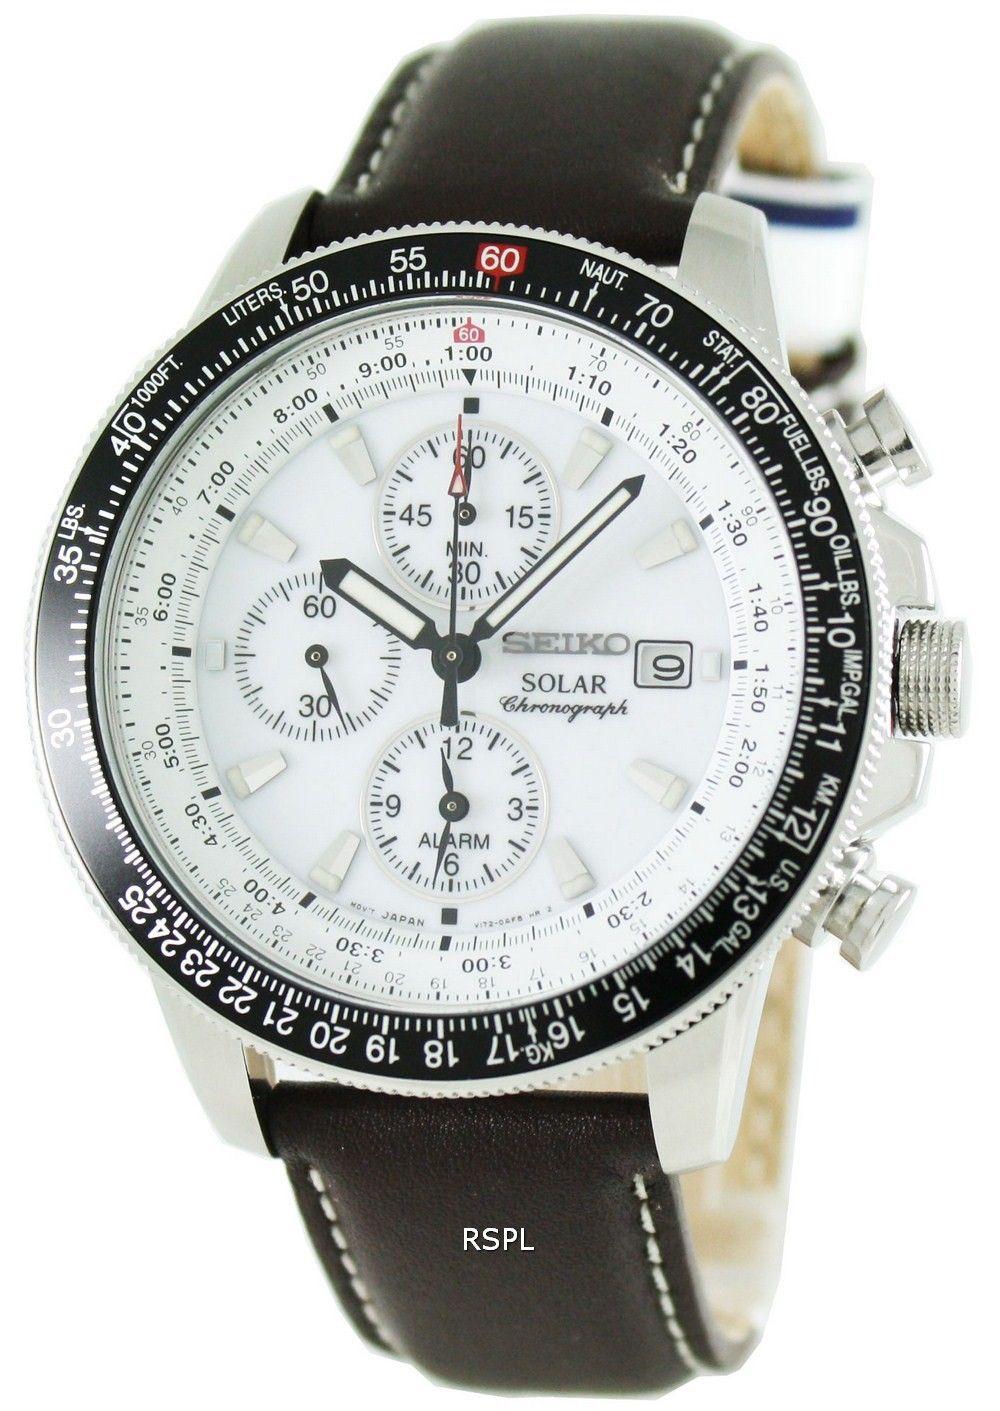 cde051cfc0be09 Alarme solaire de Seiko Pilot la montre de chronographe Flightmaster  SSC013P1 SSC013 SSC013P hommes